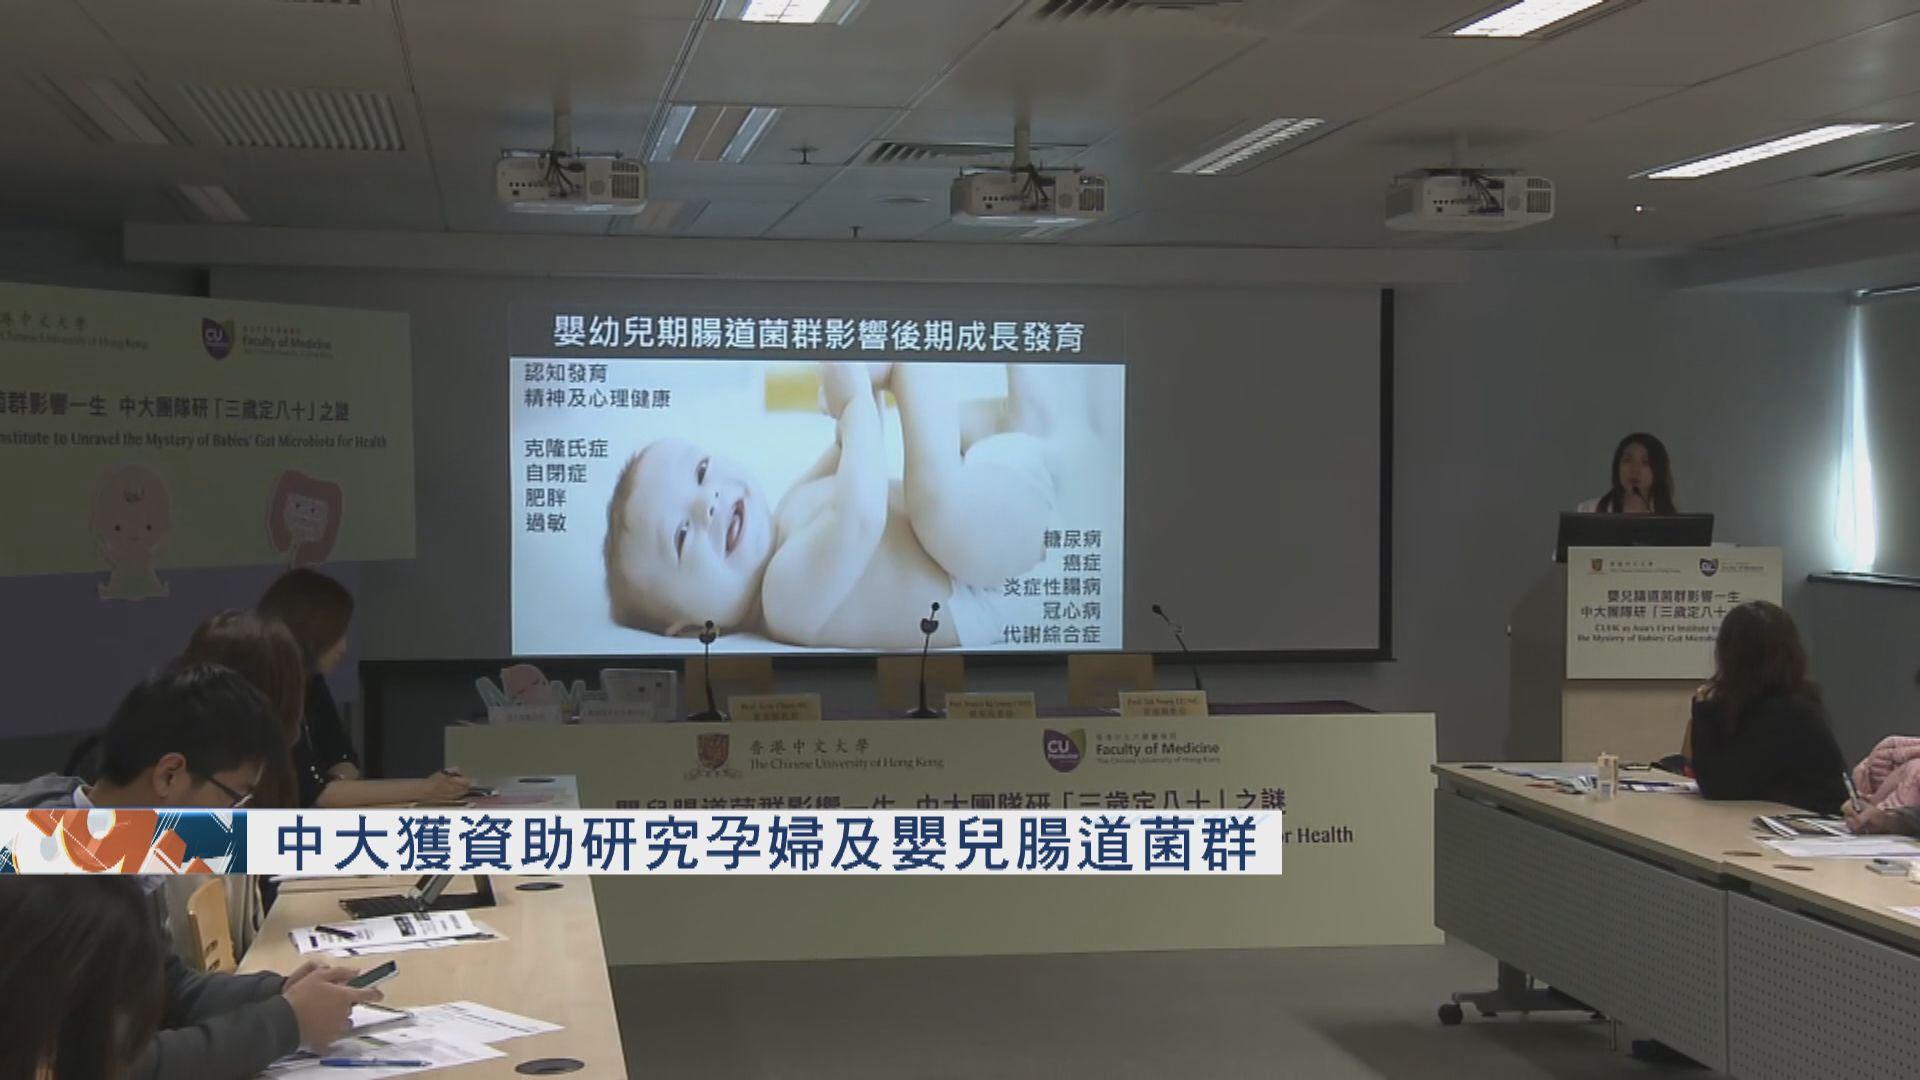 中大獲資助研究孕婦及嬰兒腸道菌群